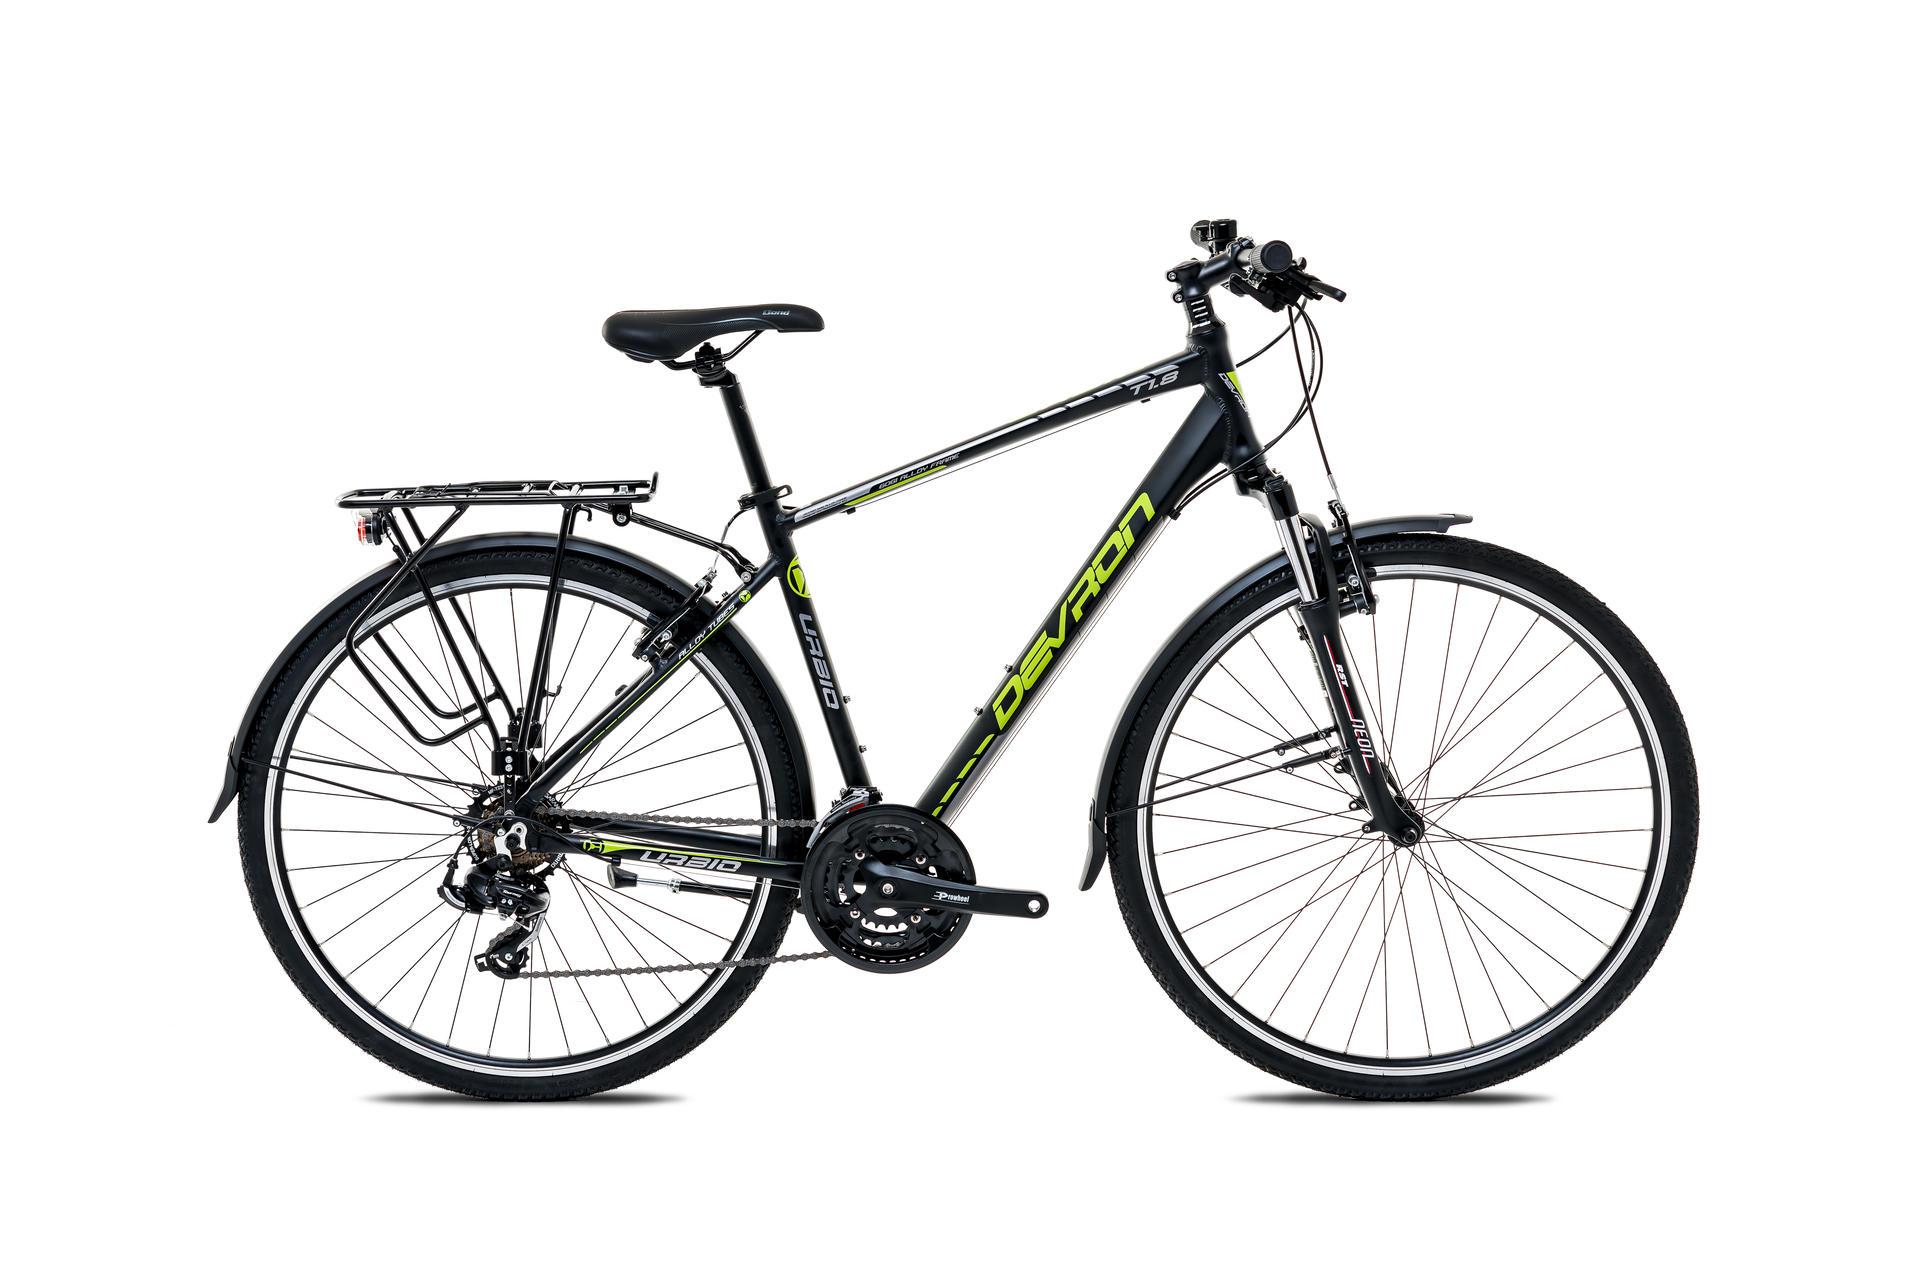 Biciclette Da Trekking E Gobici Vendita Diretta Biciclette Rho